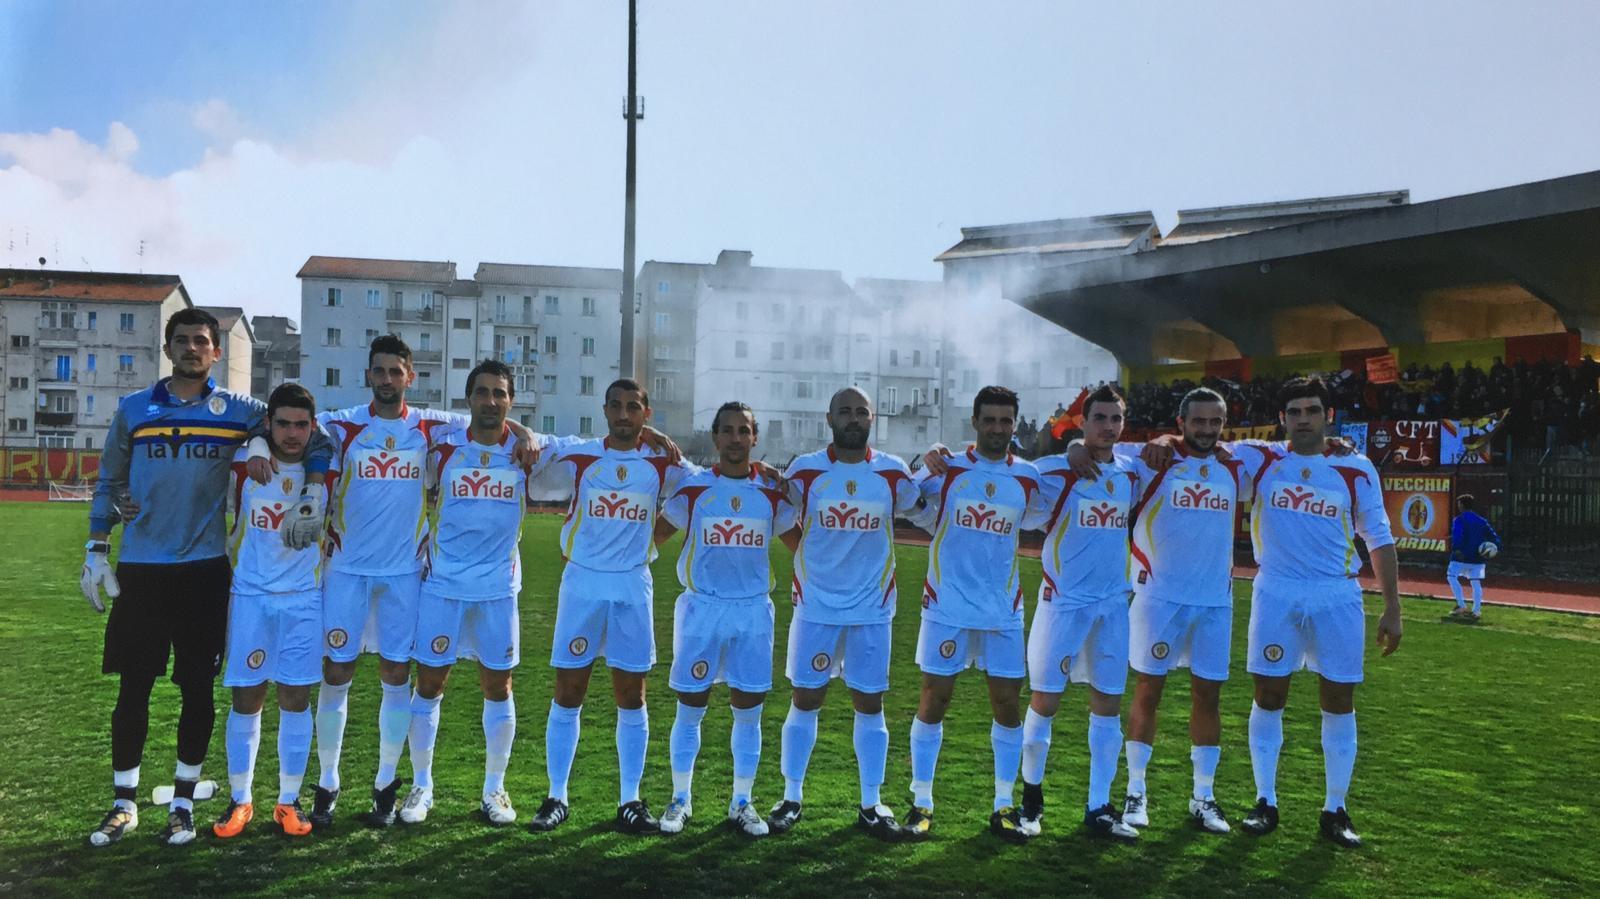 Termoli vincitore Coppa e Campionato come allenatore